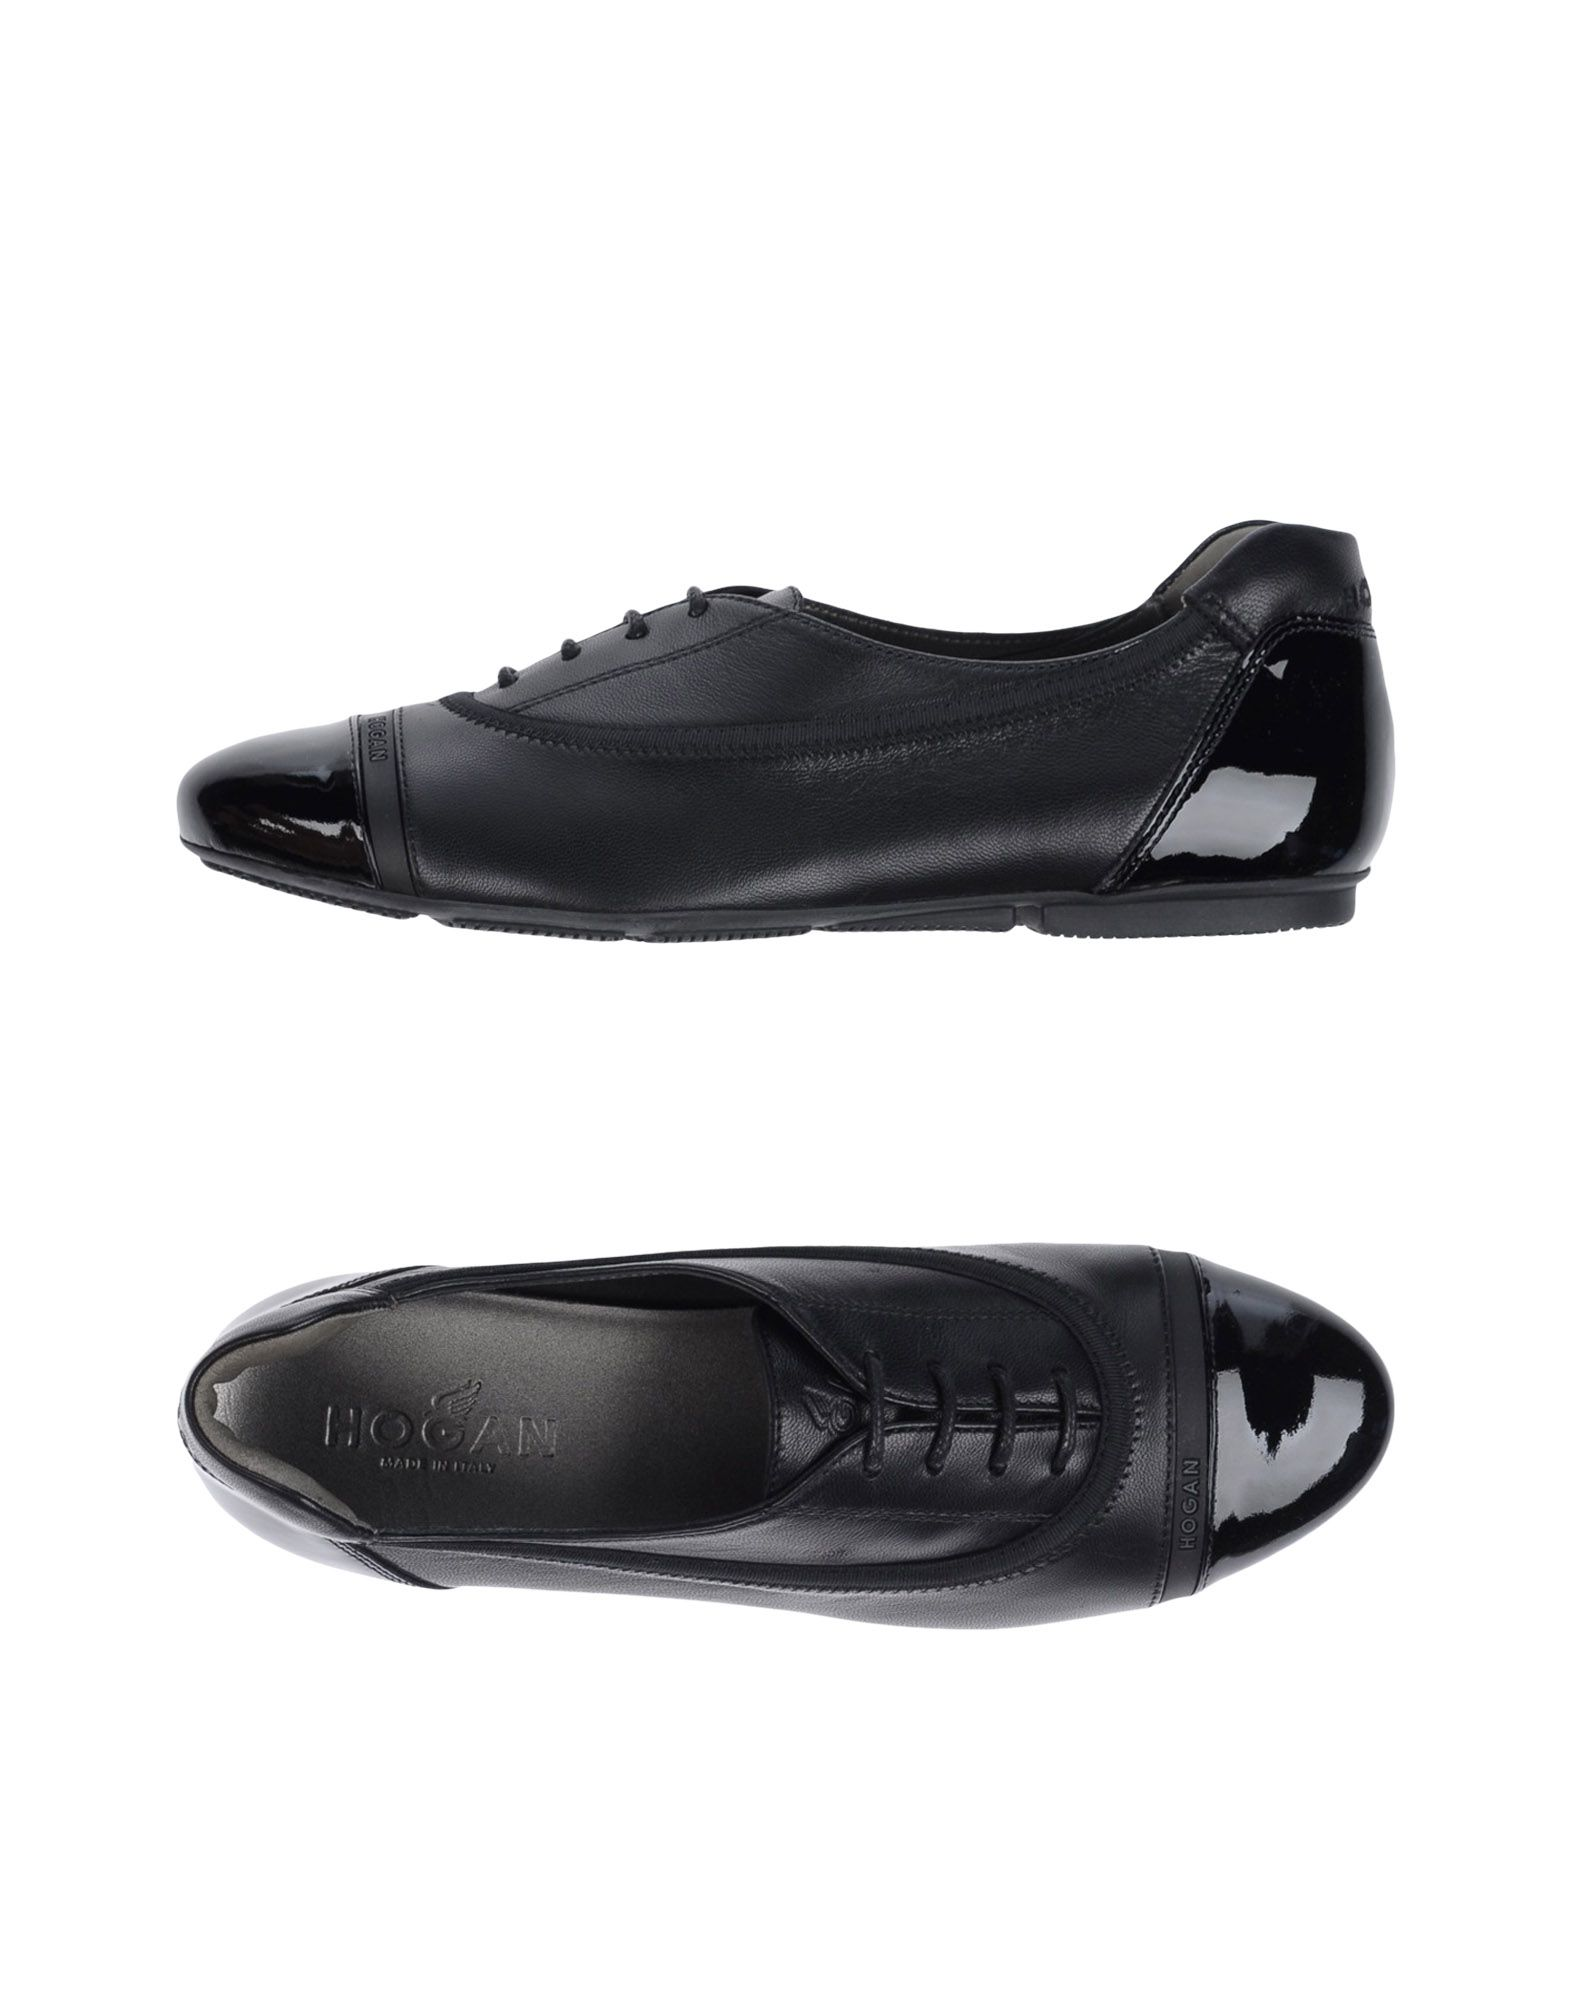 Hogan Schnürschuhe Damen  11299321VIGut aussehende strapazierfähige Schuhe